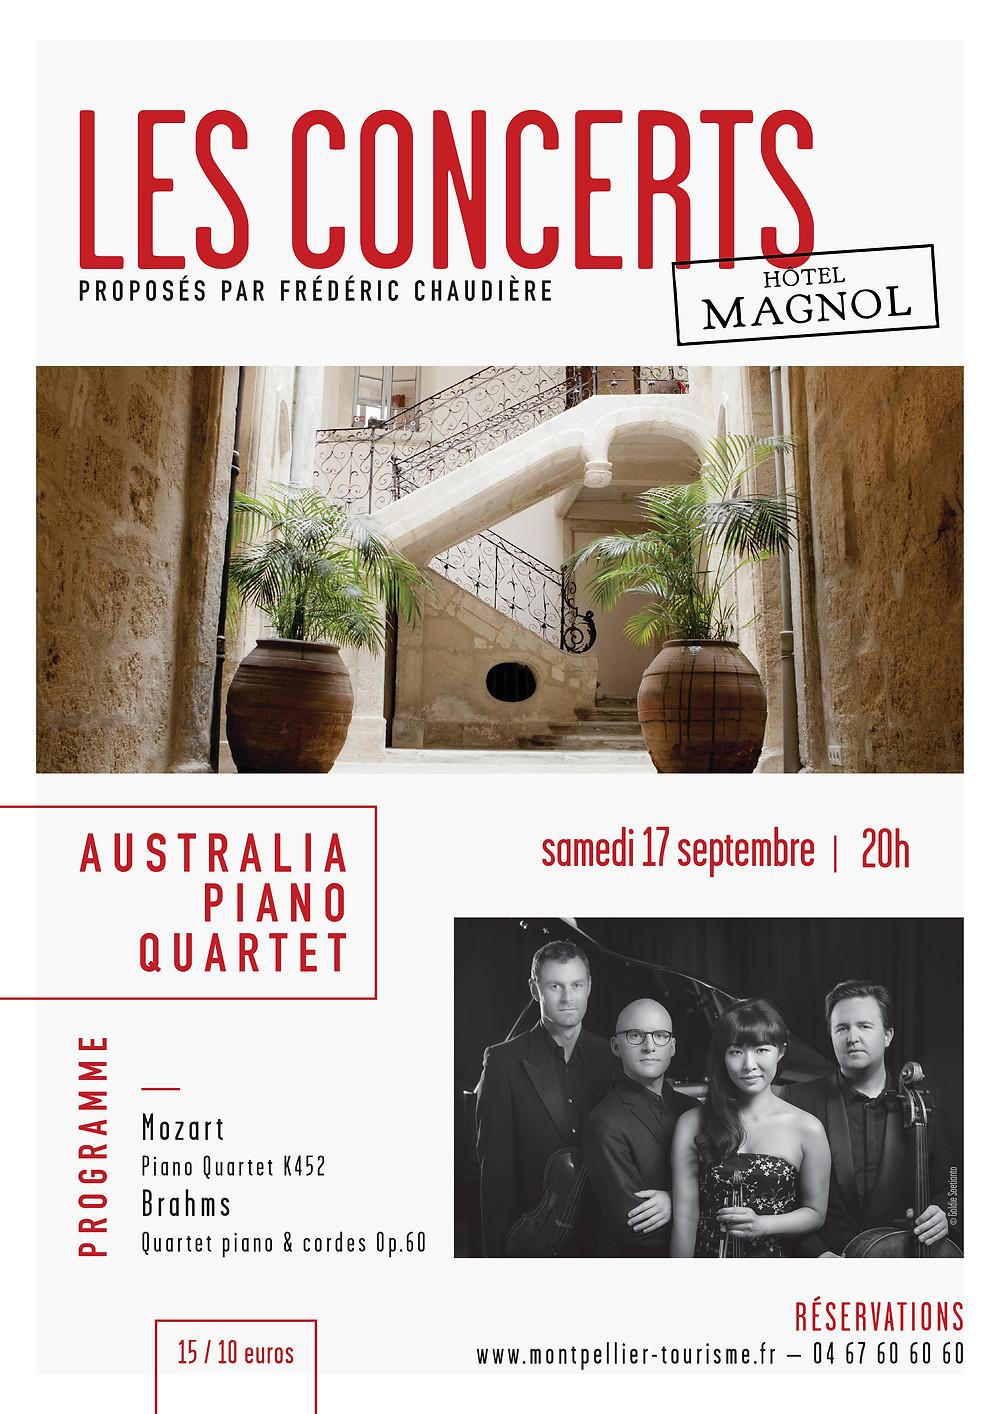 Affiche Les Concerts de Magnol 17.09.16 © Hôtel Magnol